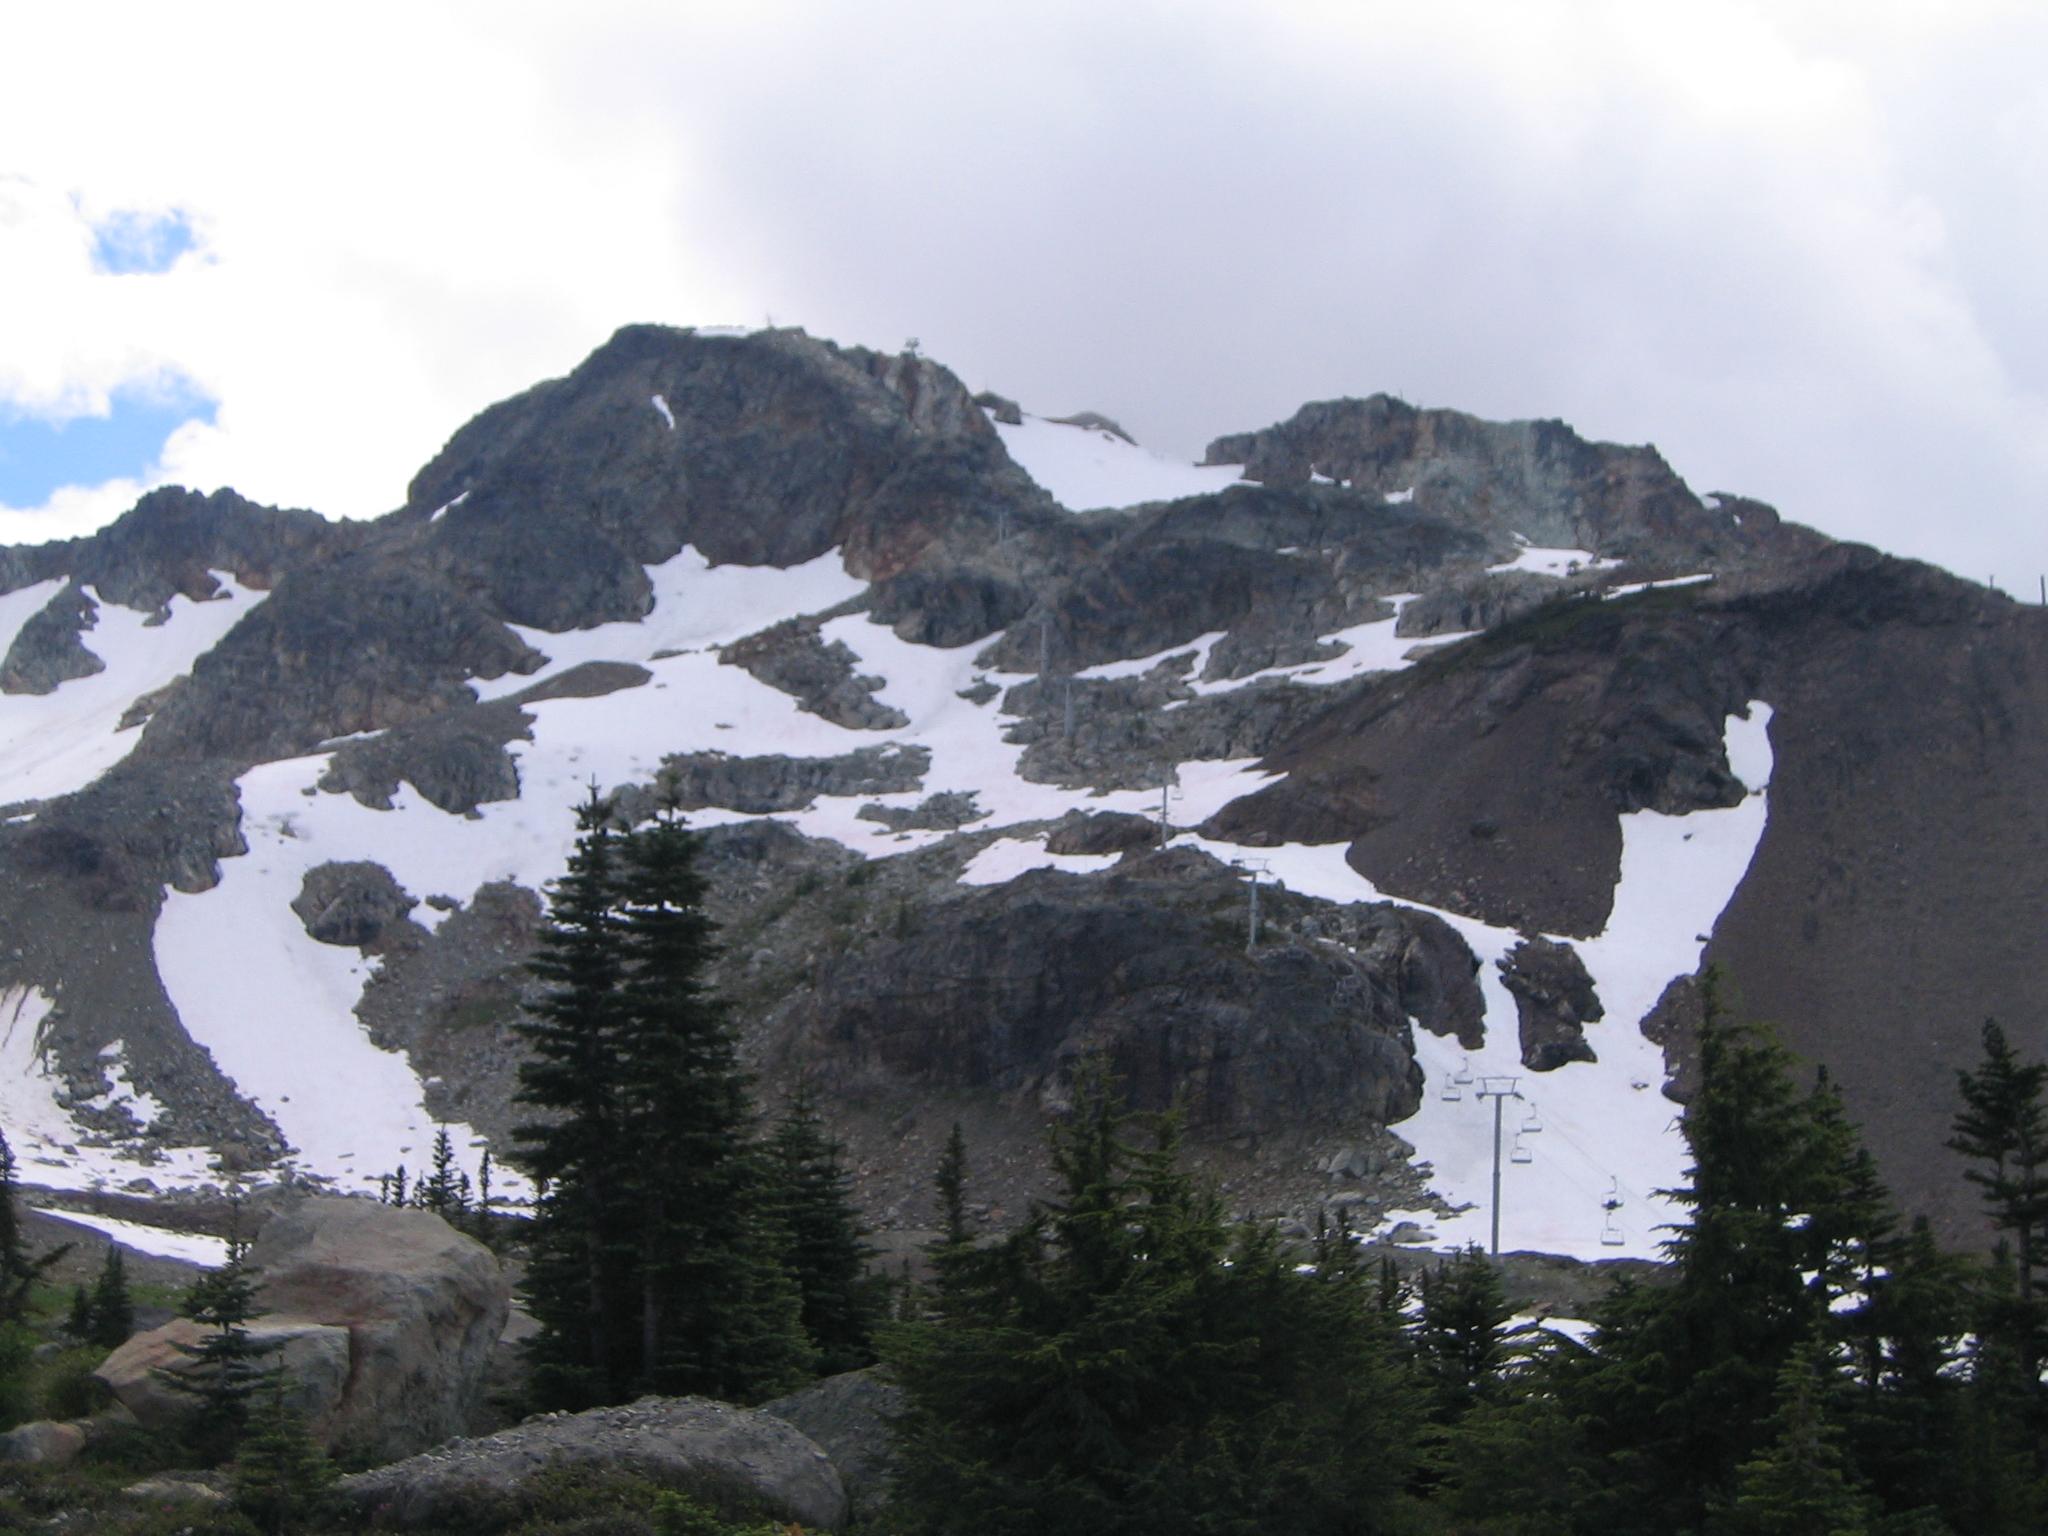 whistler mountain - wikipedia